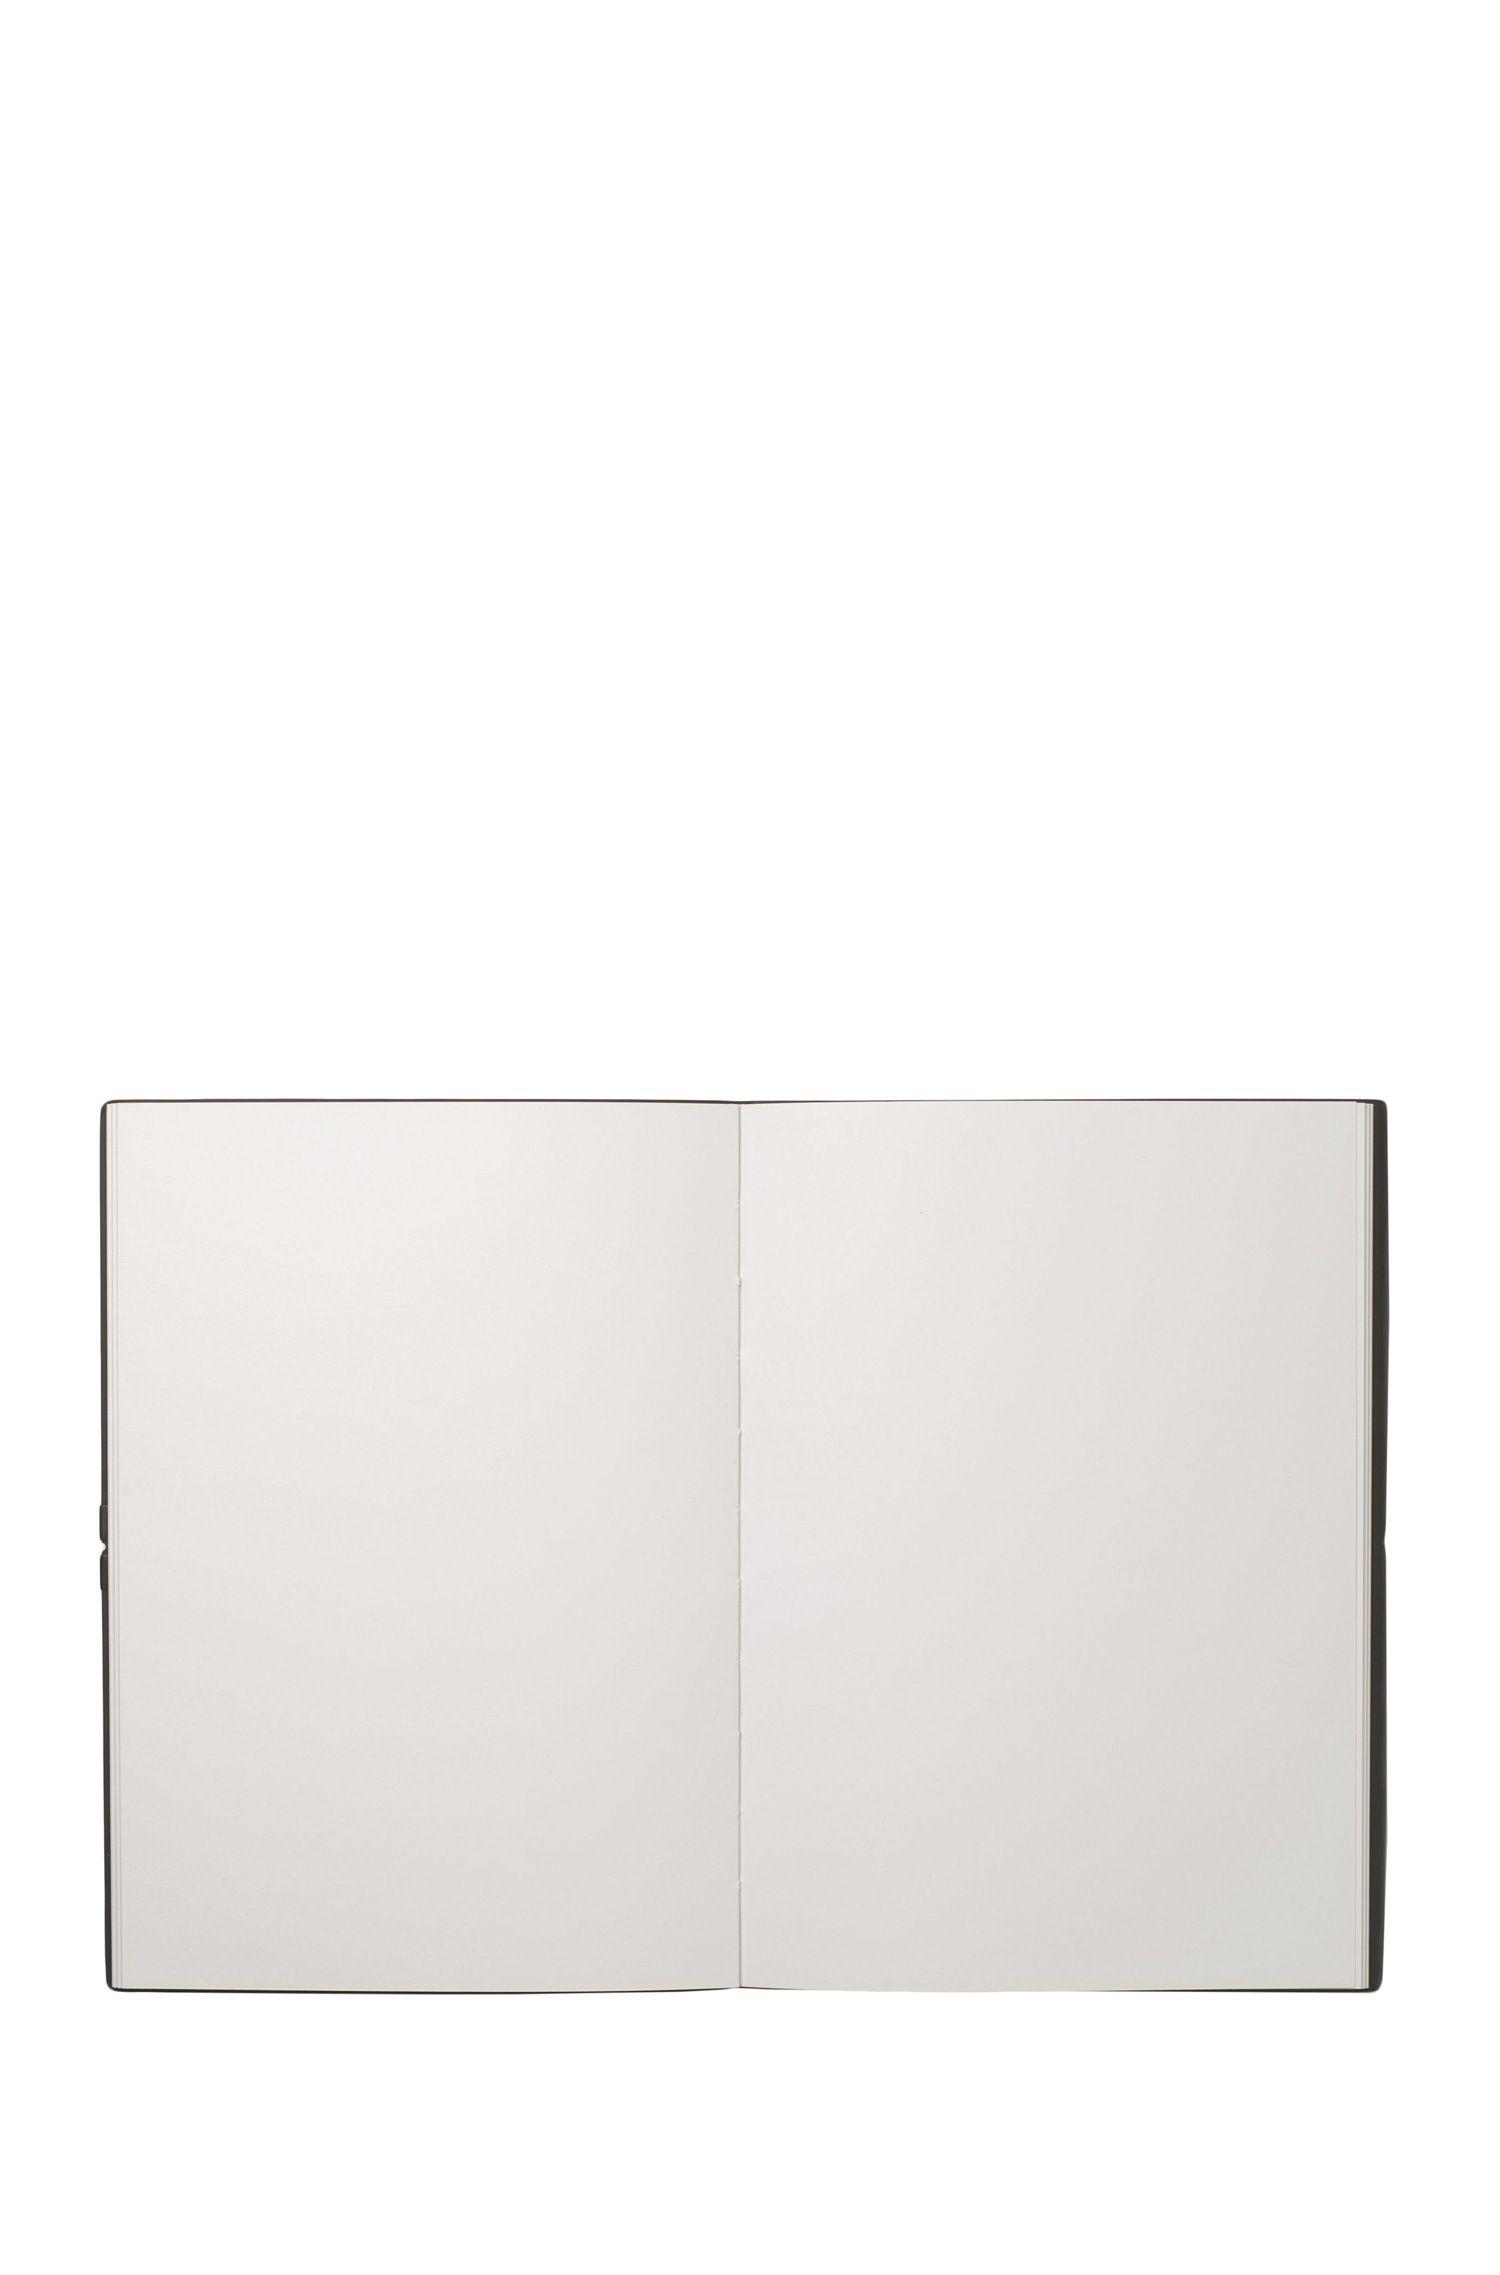 DIN-A5-Notizbuch mit Einband aus Kunstleder, Schwarz